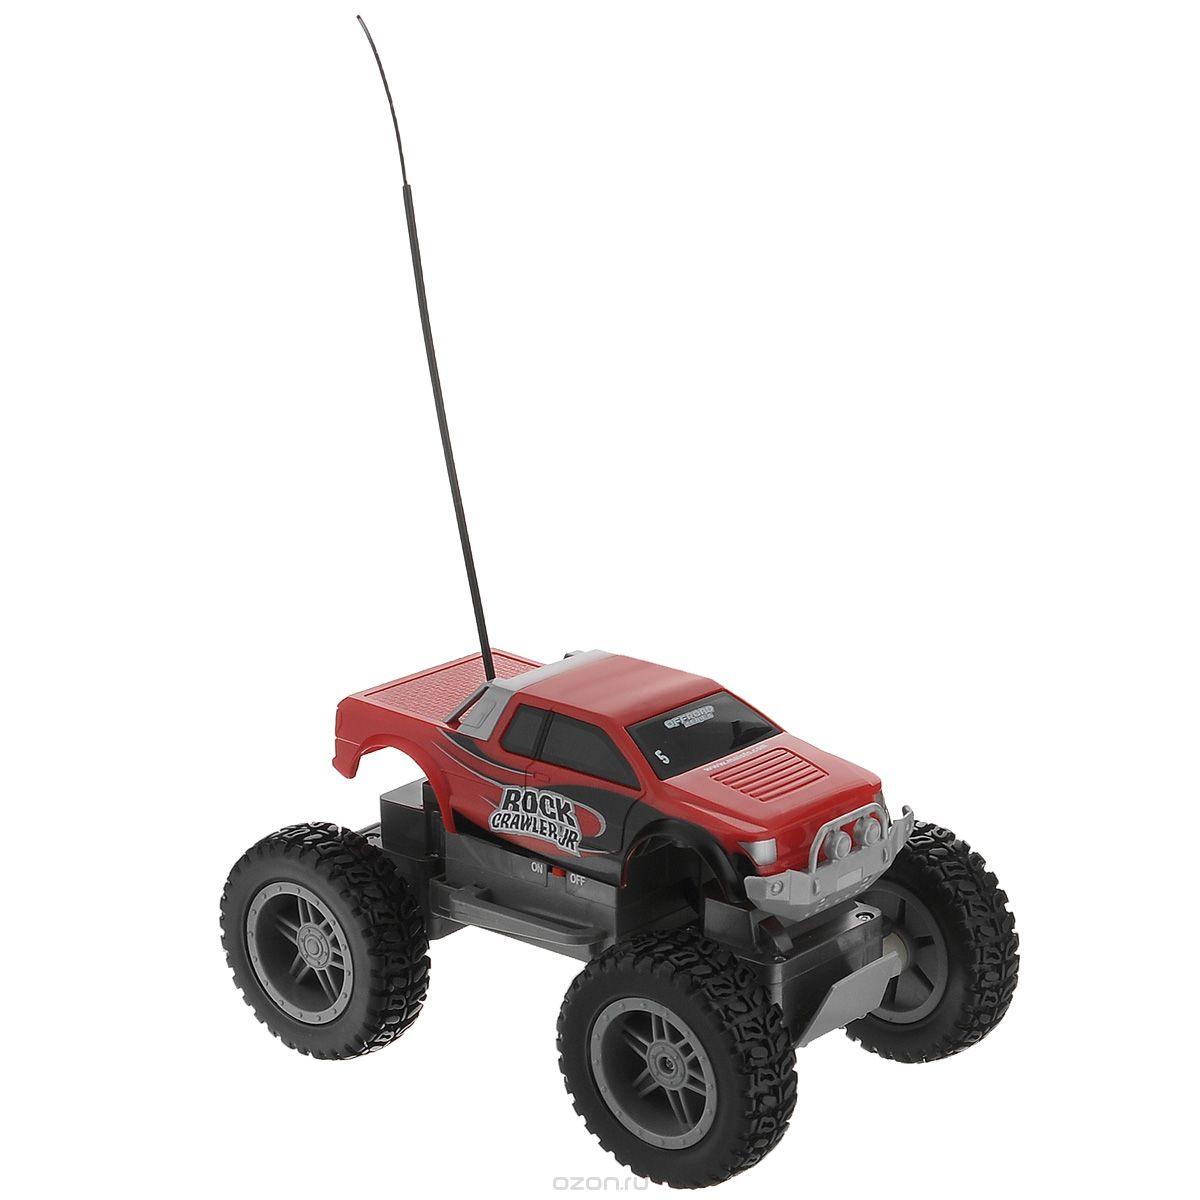 """Радиоуправляемая модель Maisto """"Вездеход Rock Crawler 4х4"""" с ярким привлекающим внимание дизайном обязательно понравится всем любителям машин, в особенности внедорожников. Машинка имеет повышенную проходимость за счет полного привода 4х4, прекрасно передвигается по бездорожью и легко может покорить скалу. Джип имеет мягкую пружинную независимую подвеску с длинным ходом и большие колеса. Машинка двигается вправо, влево, вперед и назад. Управление с помощью дистанционного пульта (поставляется в комплекте). Радиус действия пульта до 15 м. В комплекте инструкция по эксплуатации на русском языке. Необходимо докупить 6 батареек 1,5V типа АА (в комплект не входят)."""